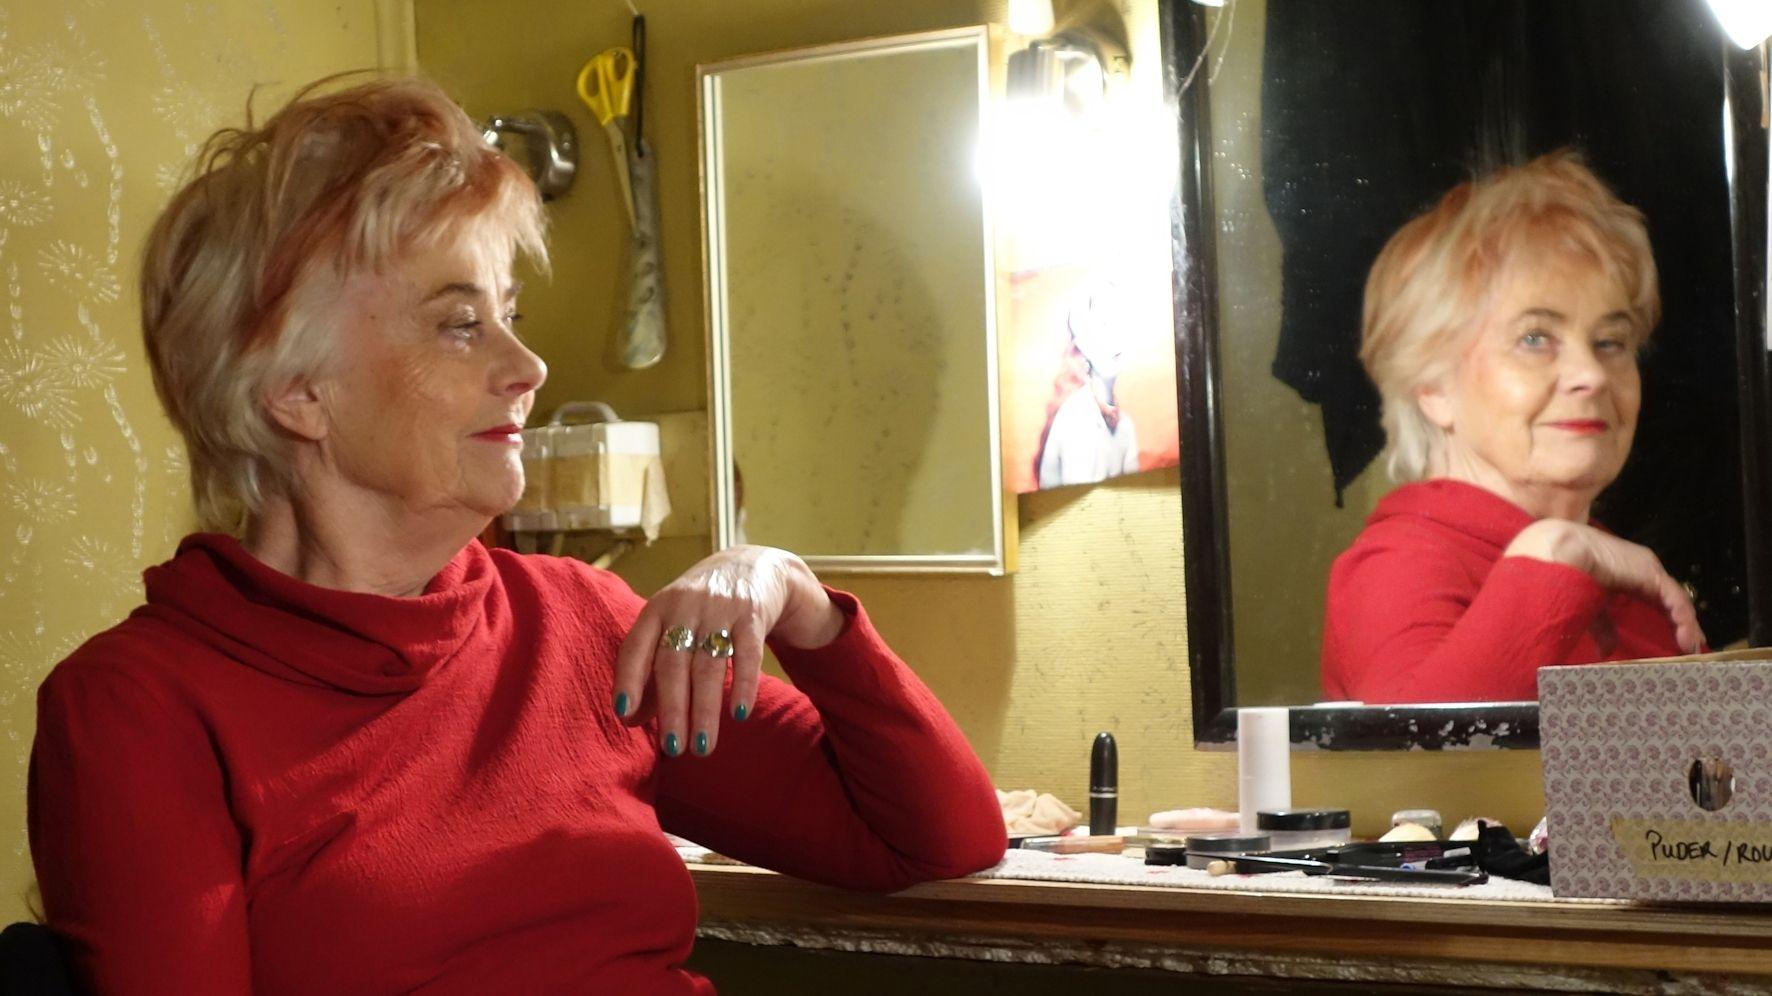 Schauspielerin und TamS-Leiterin Anette Spola sitzt in ihrer Umkleide vor dem Schminktisch, in dem sie sich spiegelt